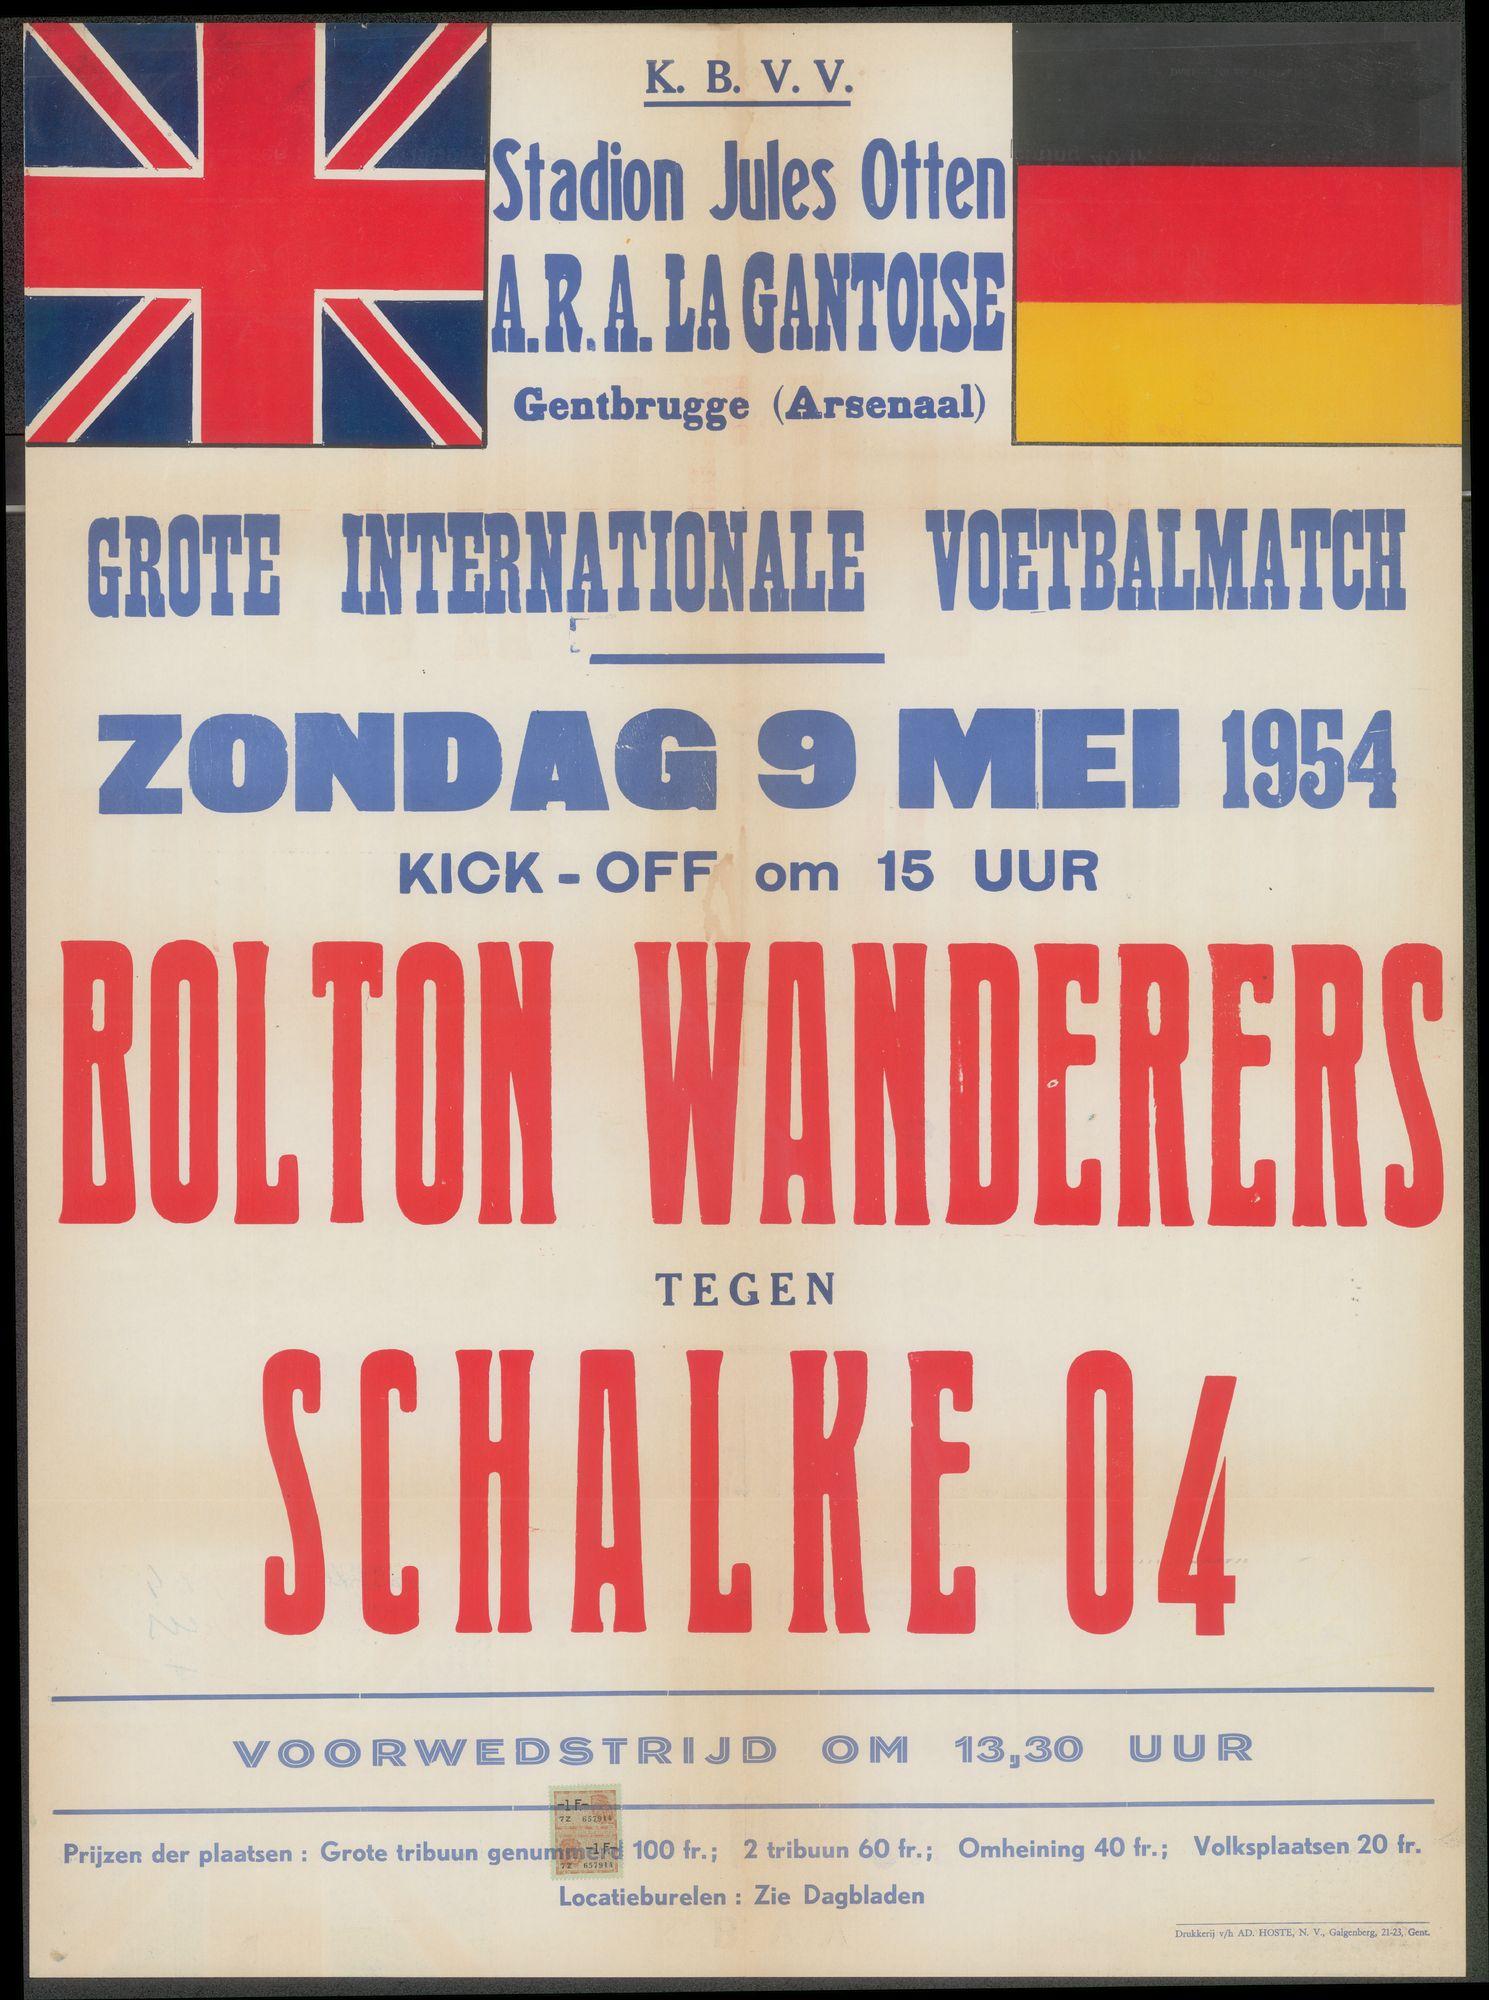 Grote Internationale Voetbalmatch, Bolton Wanderers - Schalke 04, Stadion Jules Otten, A.R.A. LA  Gantoise, Gentbrugge (Arsenaal), zondag 9 mei 1954